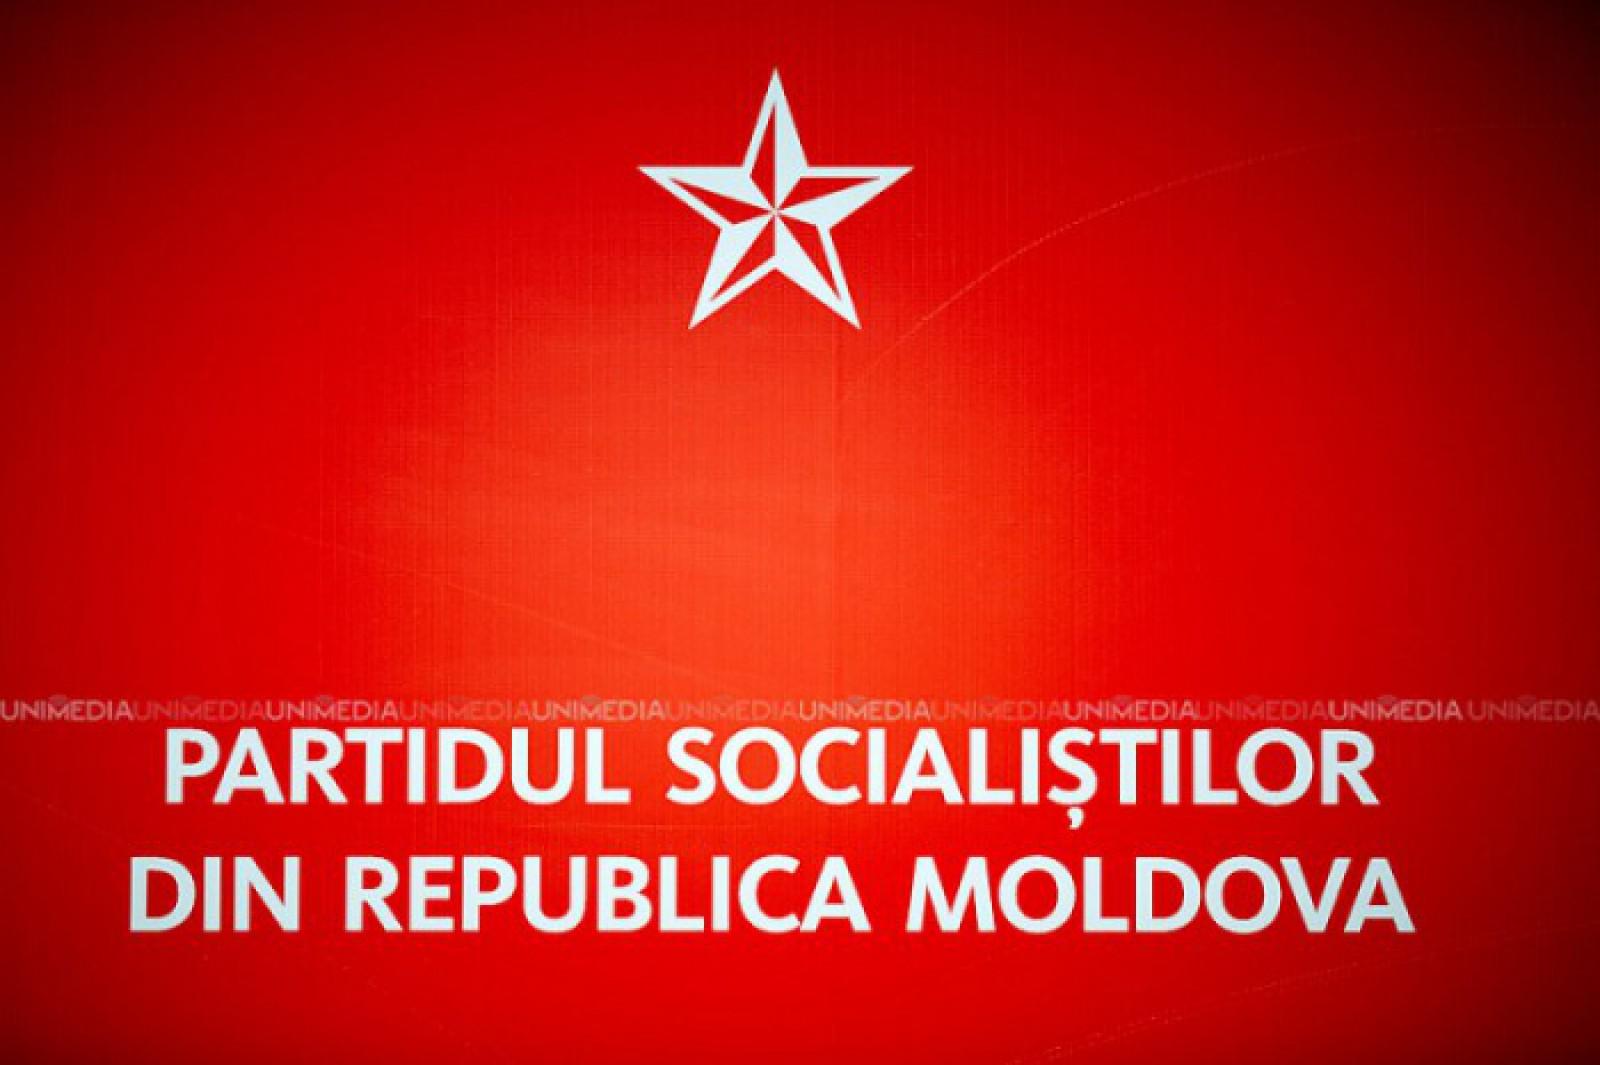 """PSRM, împotriva noilor numiri la Guvern. Îndeamnă cetățenii """"să reacționeze la îndemnul președintelui și să vină masiv la Chișinău"""""""